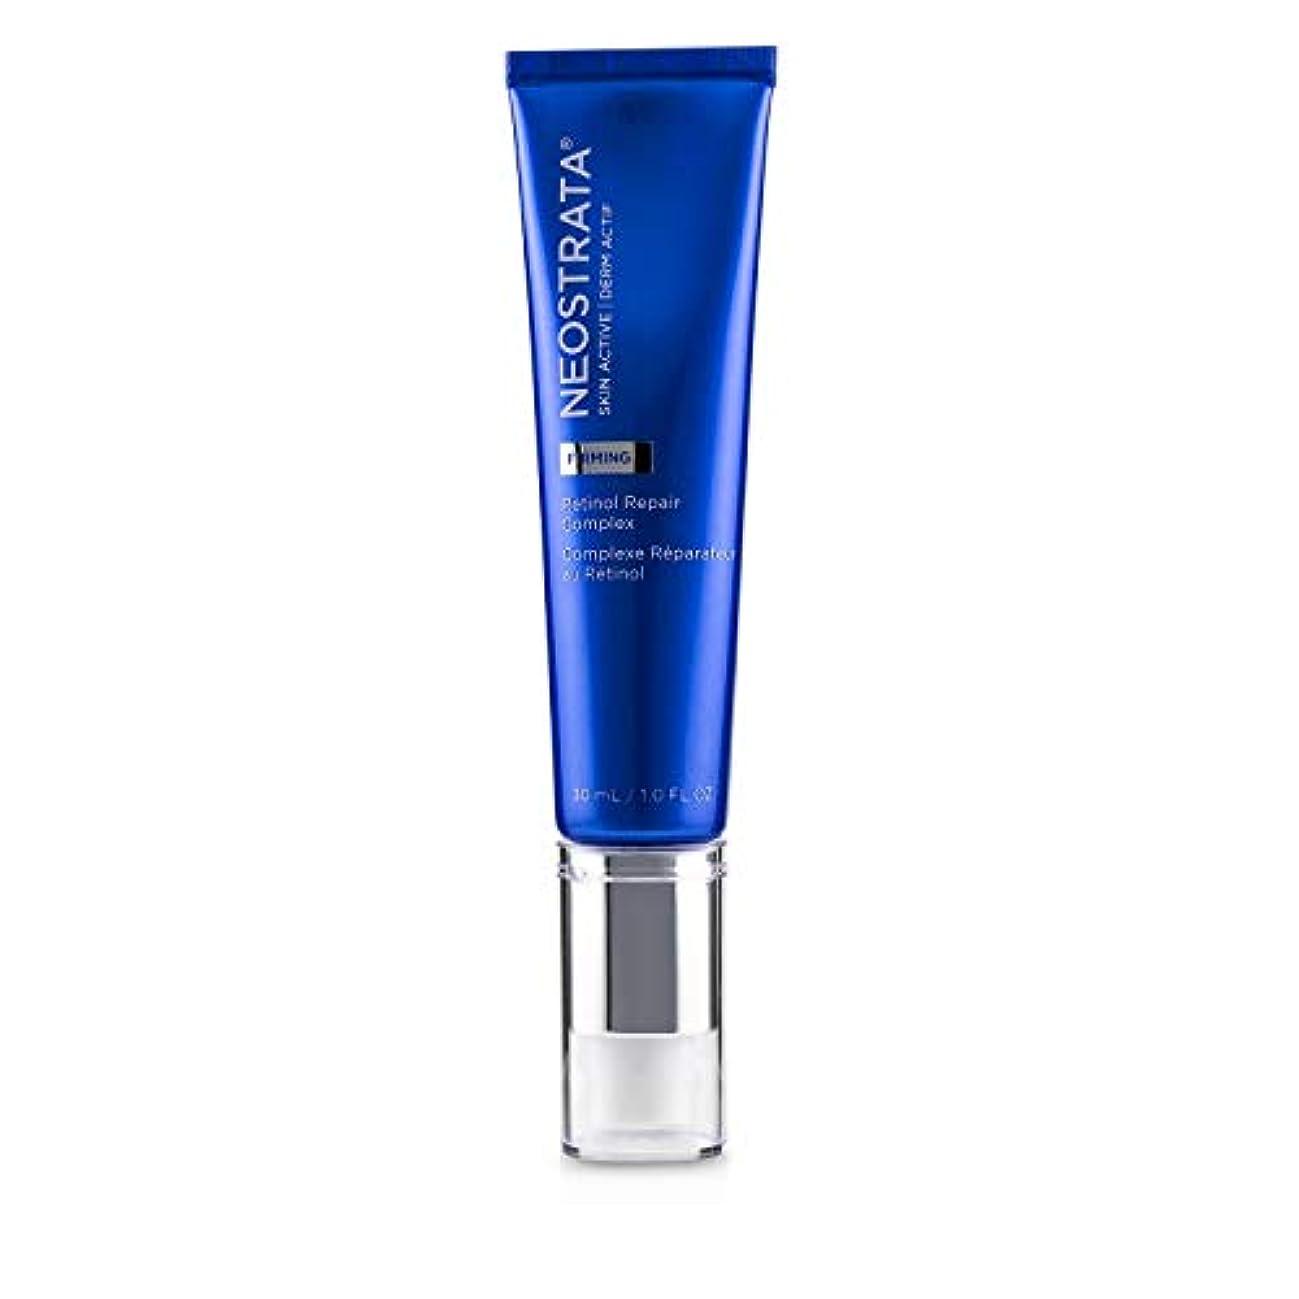 評決怠なヒゲクジラネオストラータ Skin Active Derm Actif Firming - Retinol Repair Complex 30ml/1oz並行輸入品